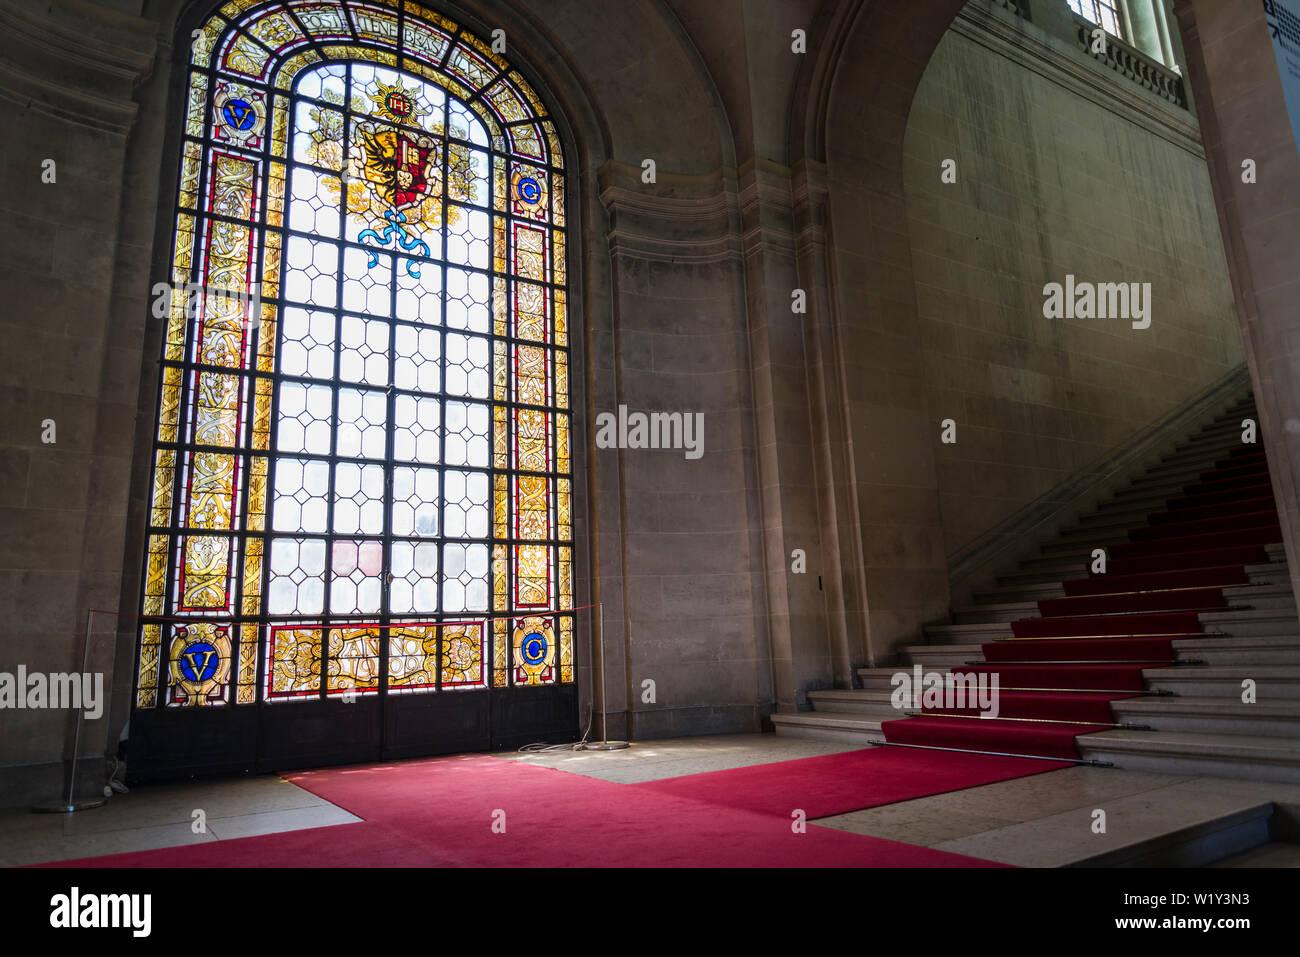 Interieur mit Glasfenster, Kunst und Geschichte Museum, das größte Museum der Stadt, Genf, Schweiz Stockfoto